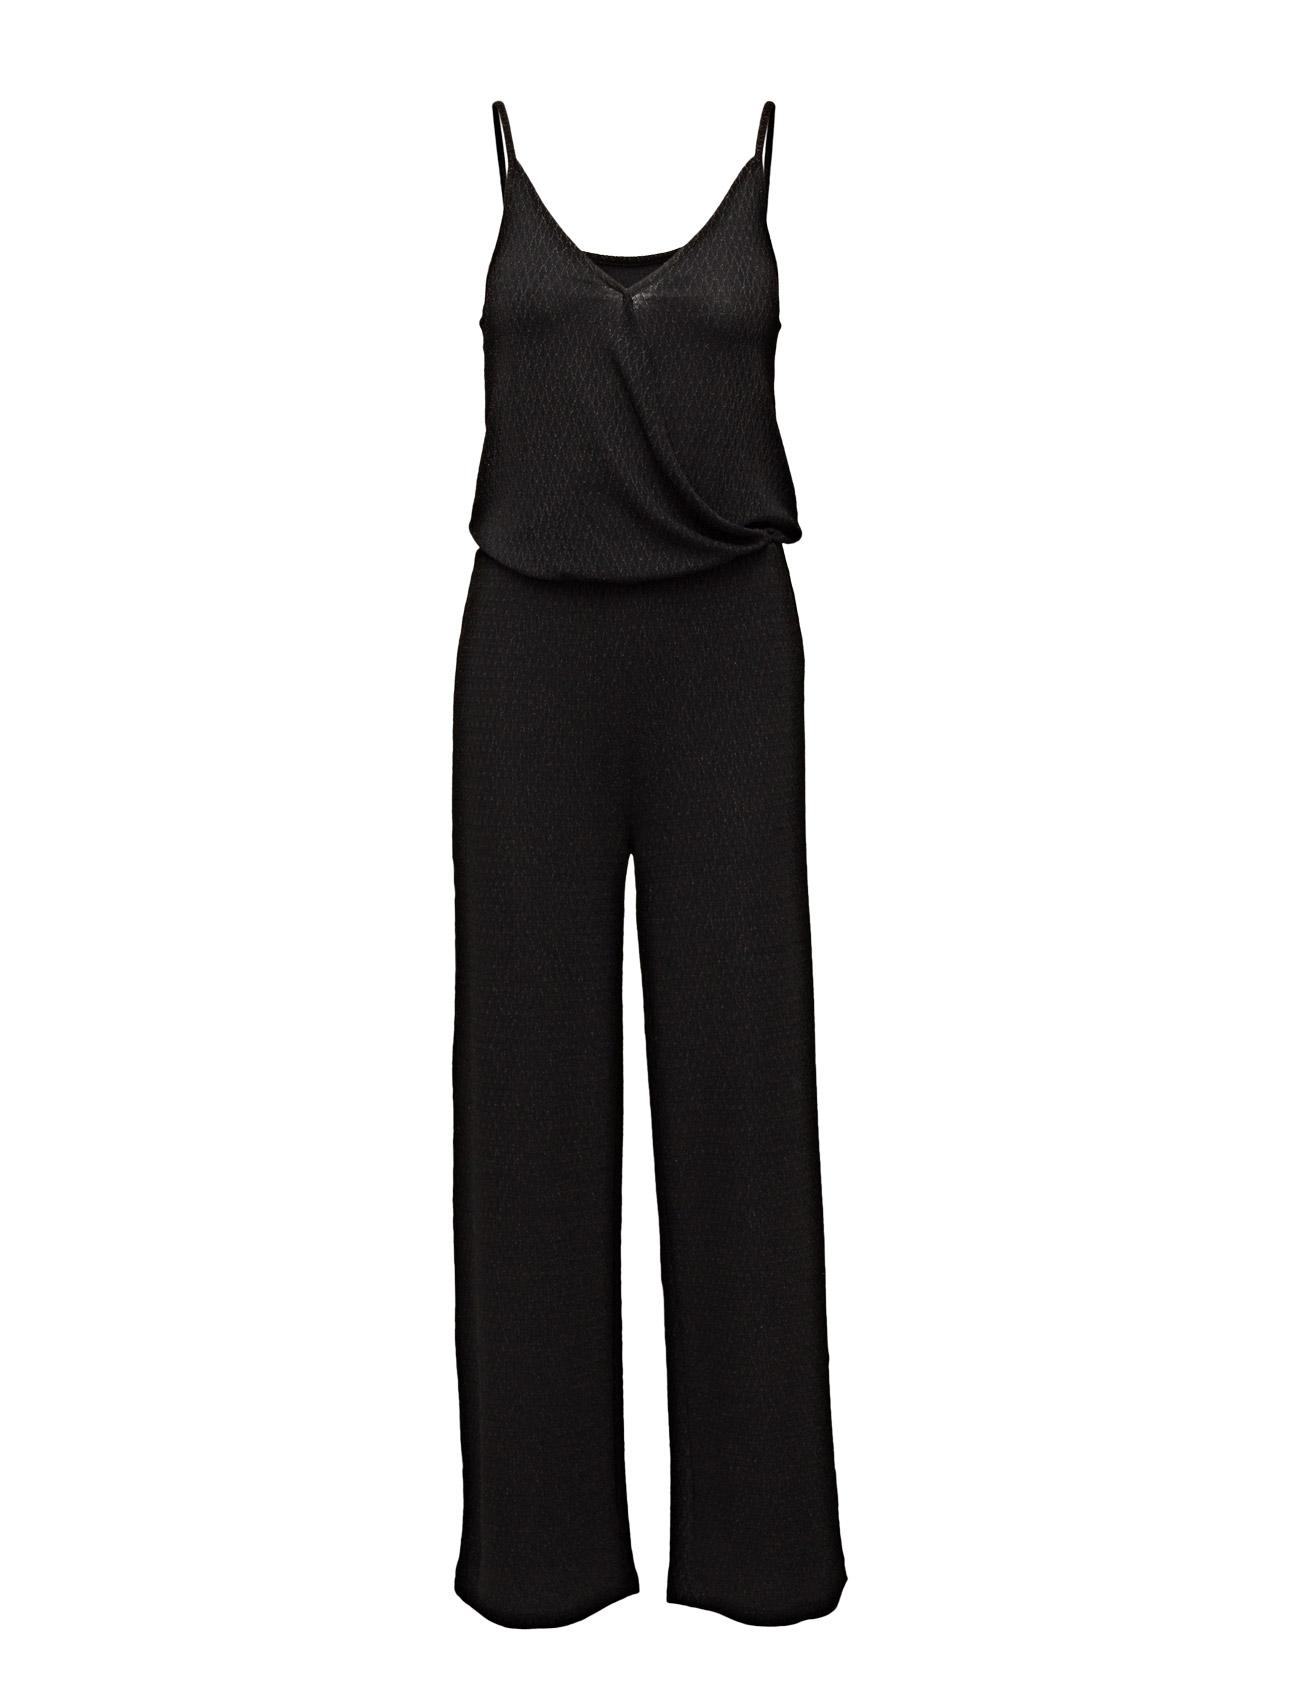 Onlcicilia S/L Jumpsuit Jrs ONLY  til Kvinder i Sort